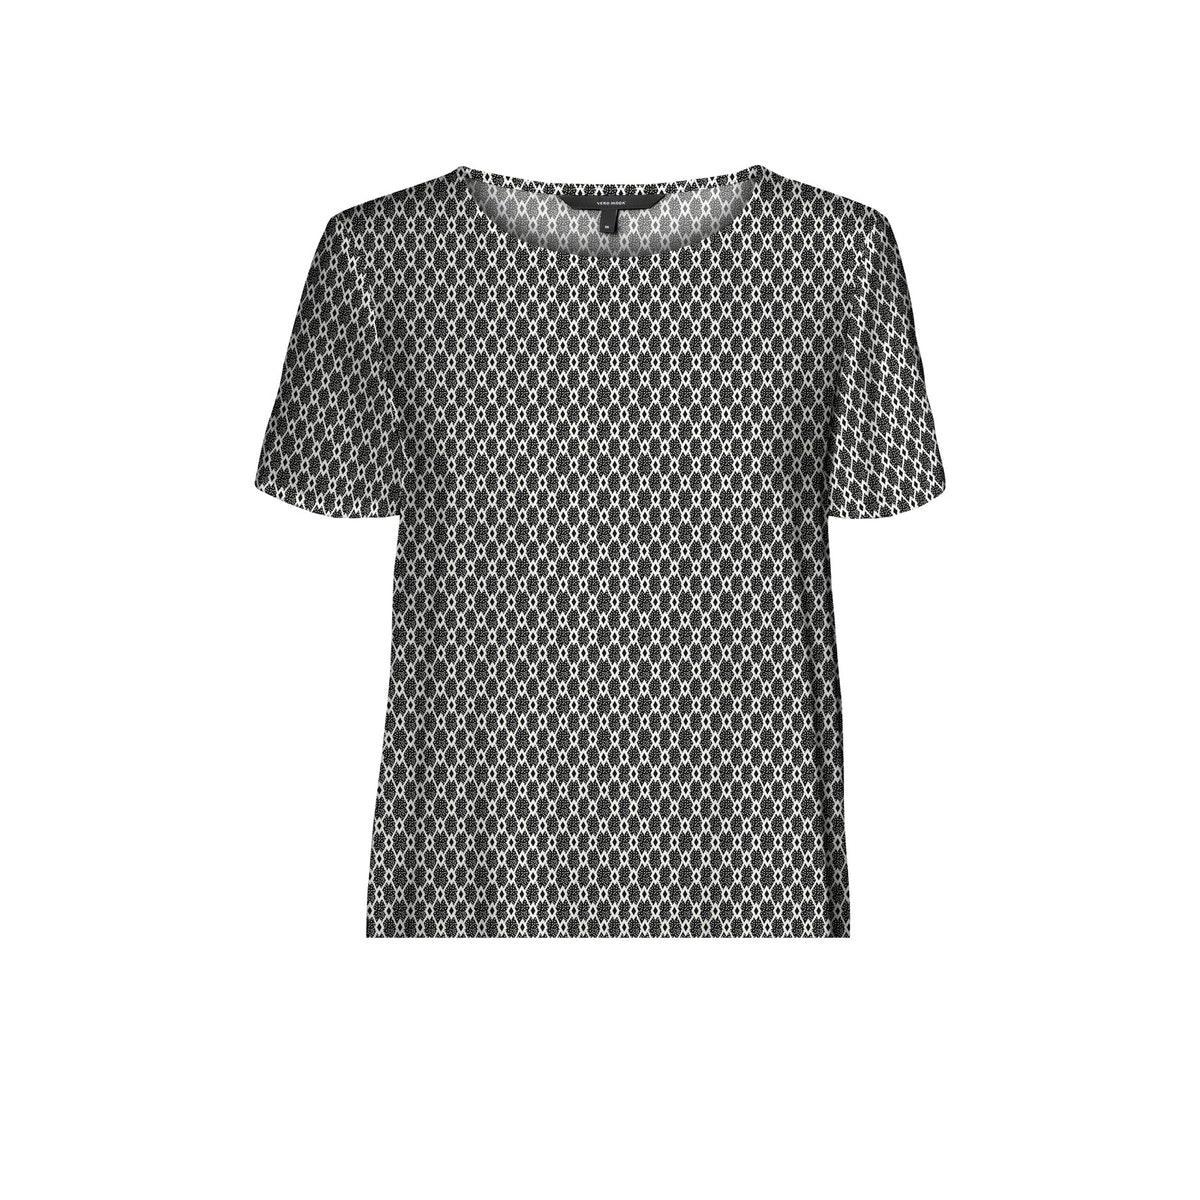 vmsimply easy ss top wvn ga 10227822 vero moda t-shirt black/felicia